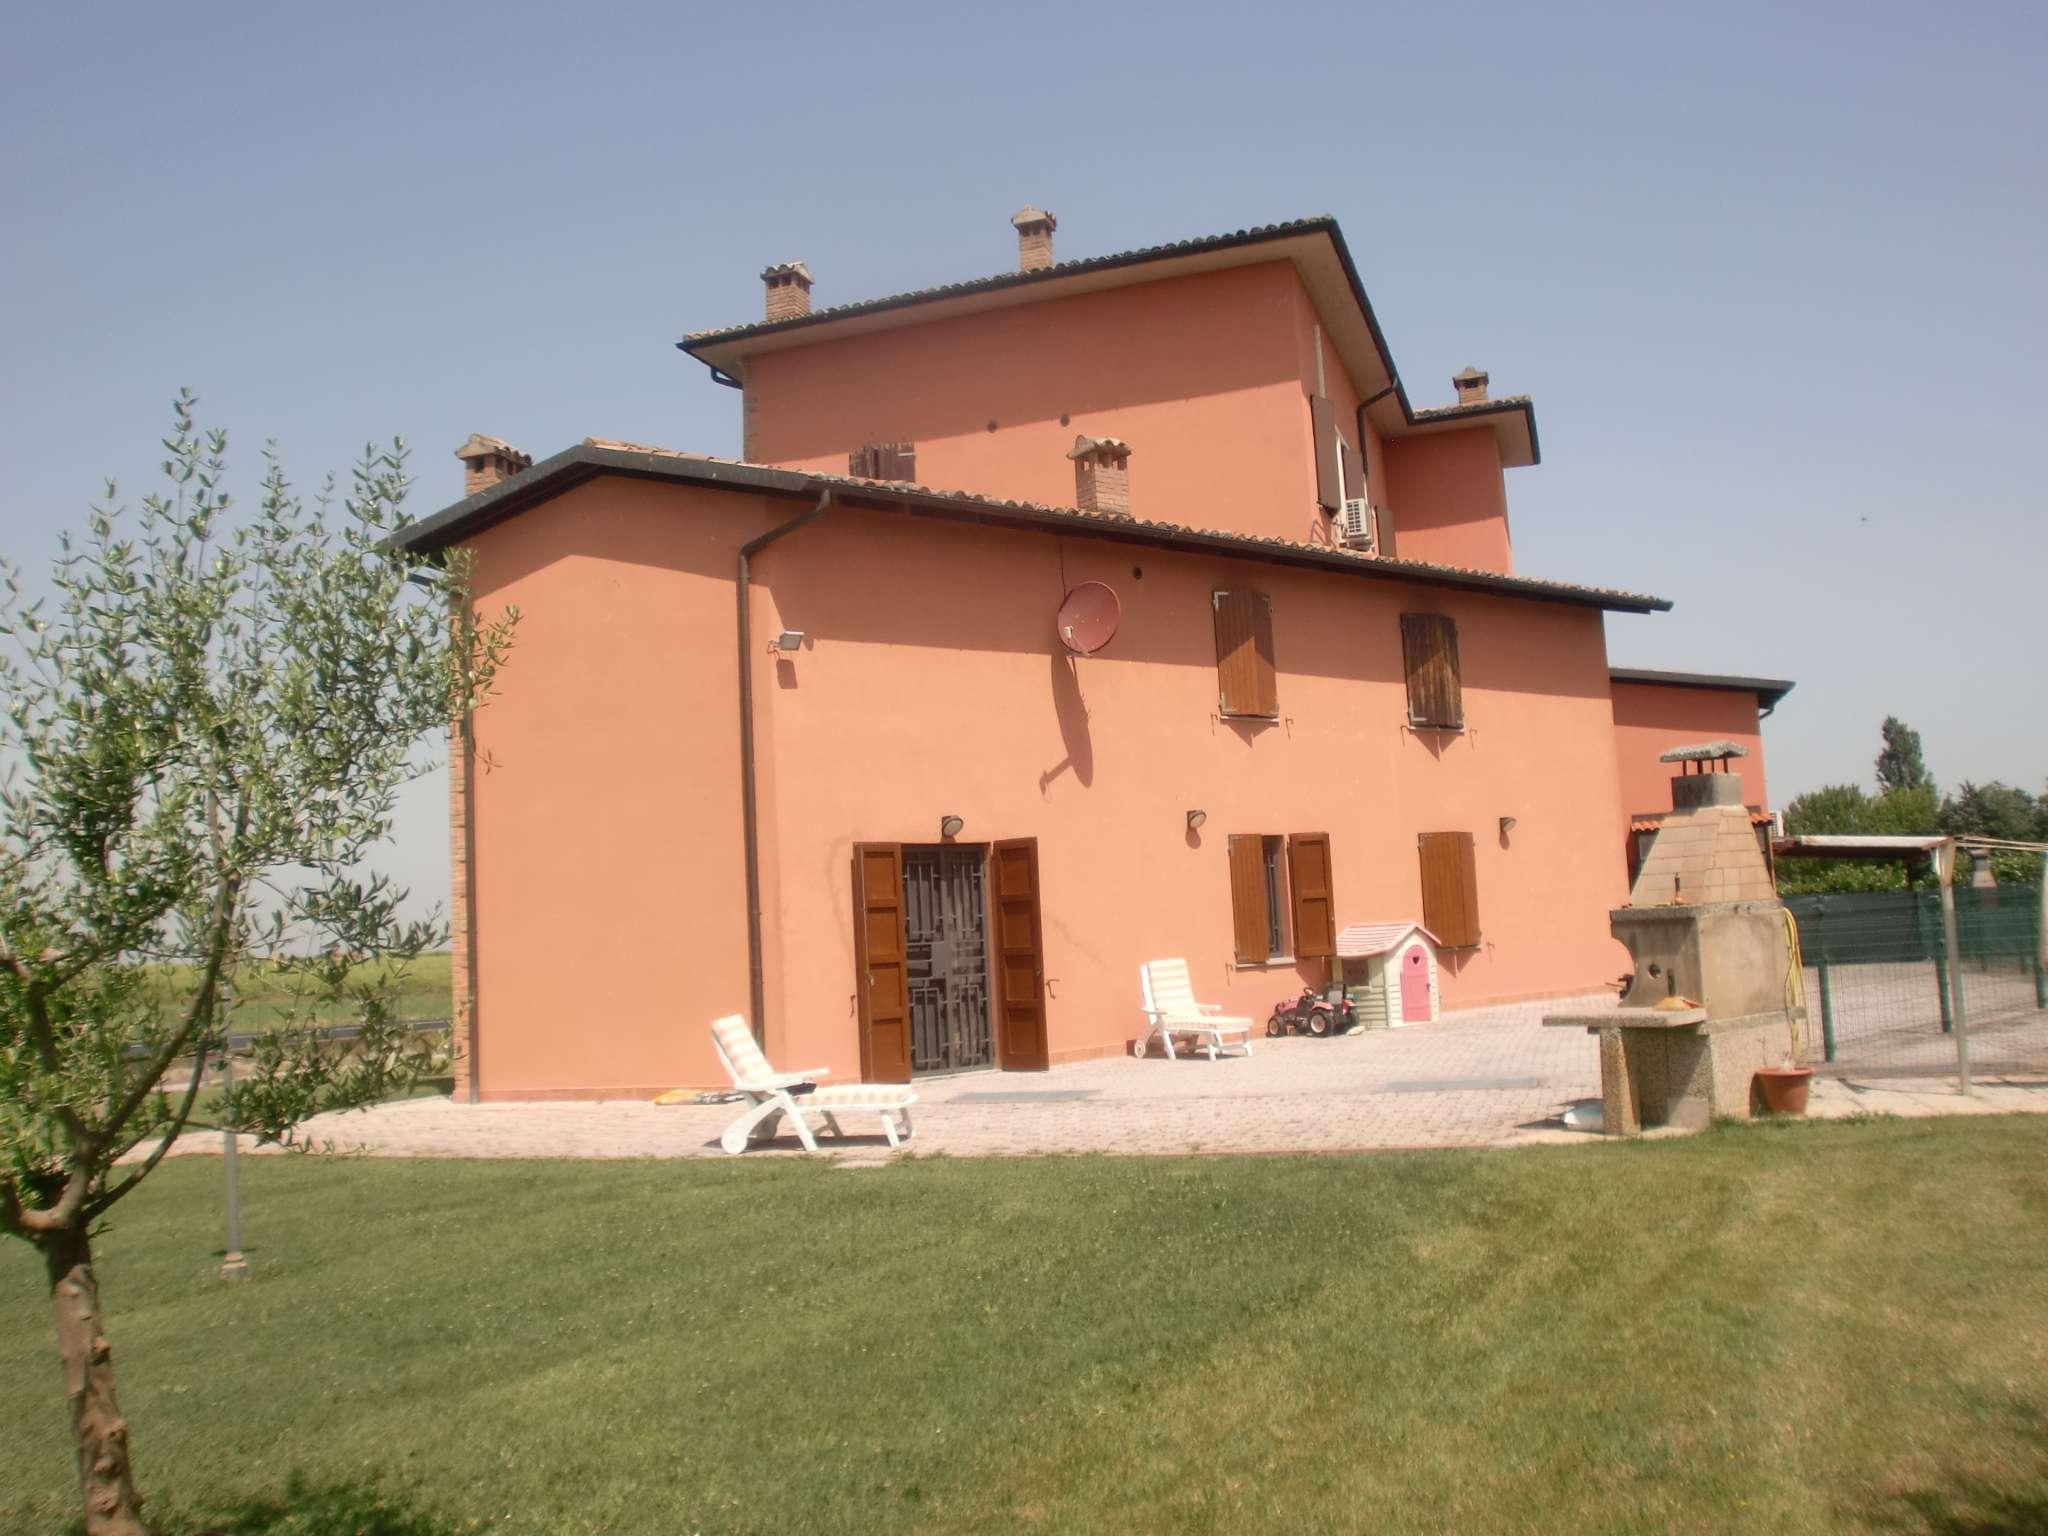 Castel San Pietro Terme Vendita PORZIONE DI CASA Immagine 4